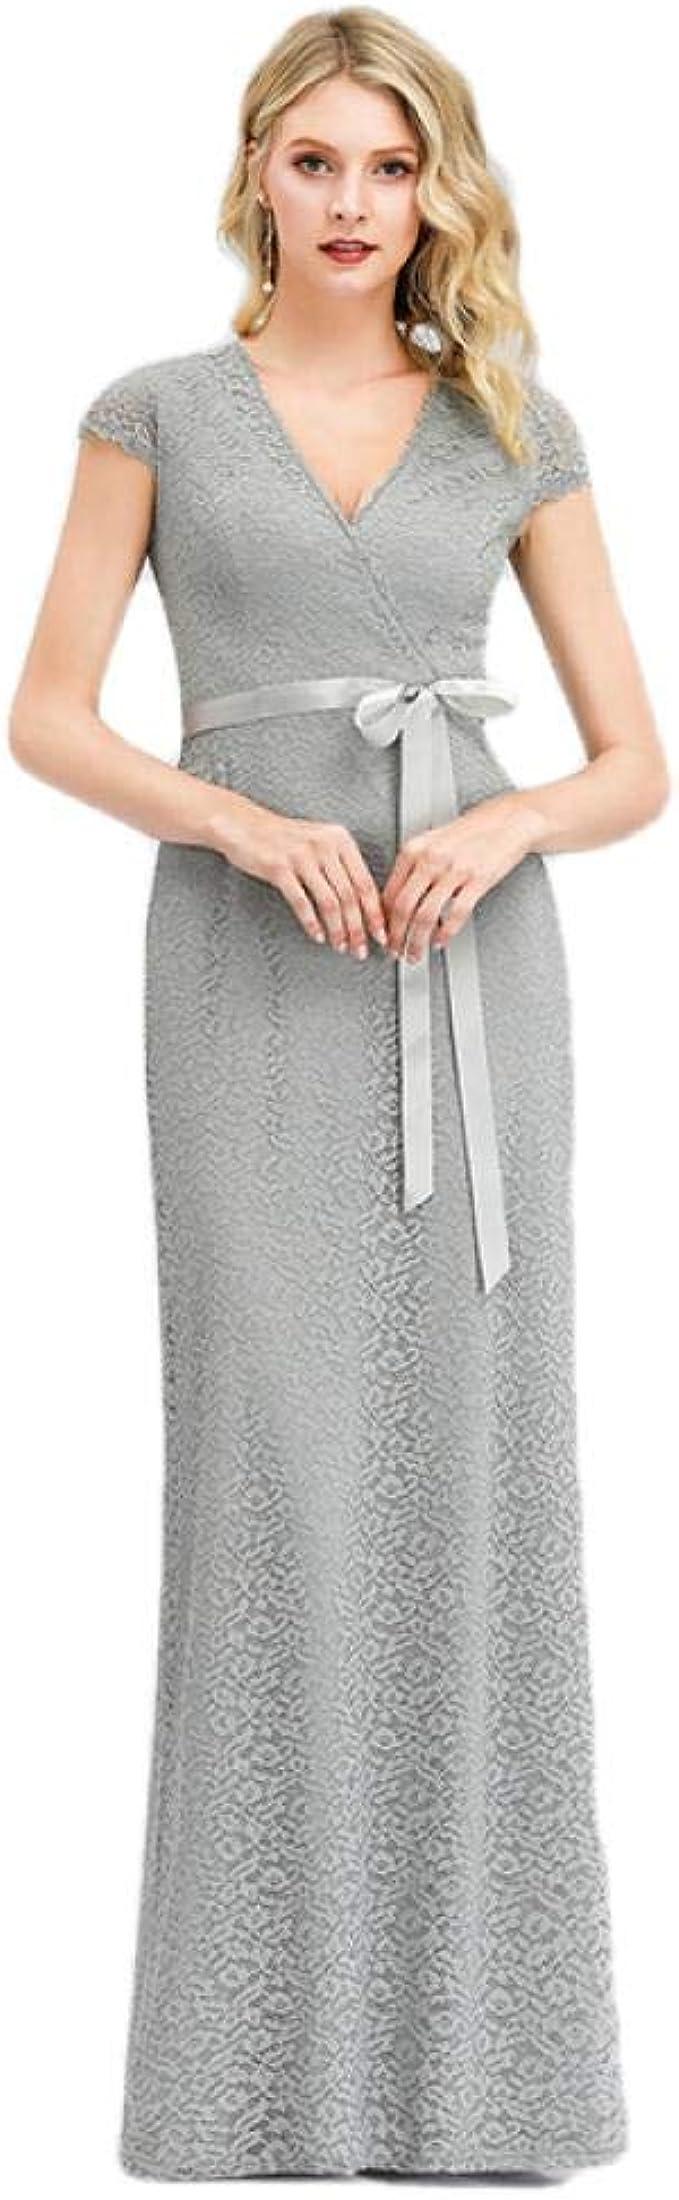 Brautkleider Cocktailkleider Für Damen Elegante Graue Spitze